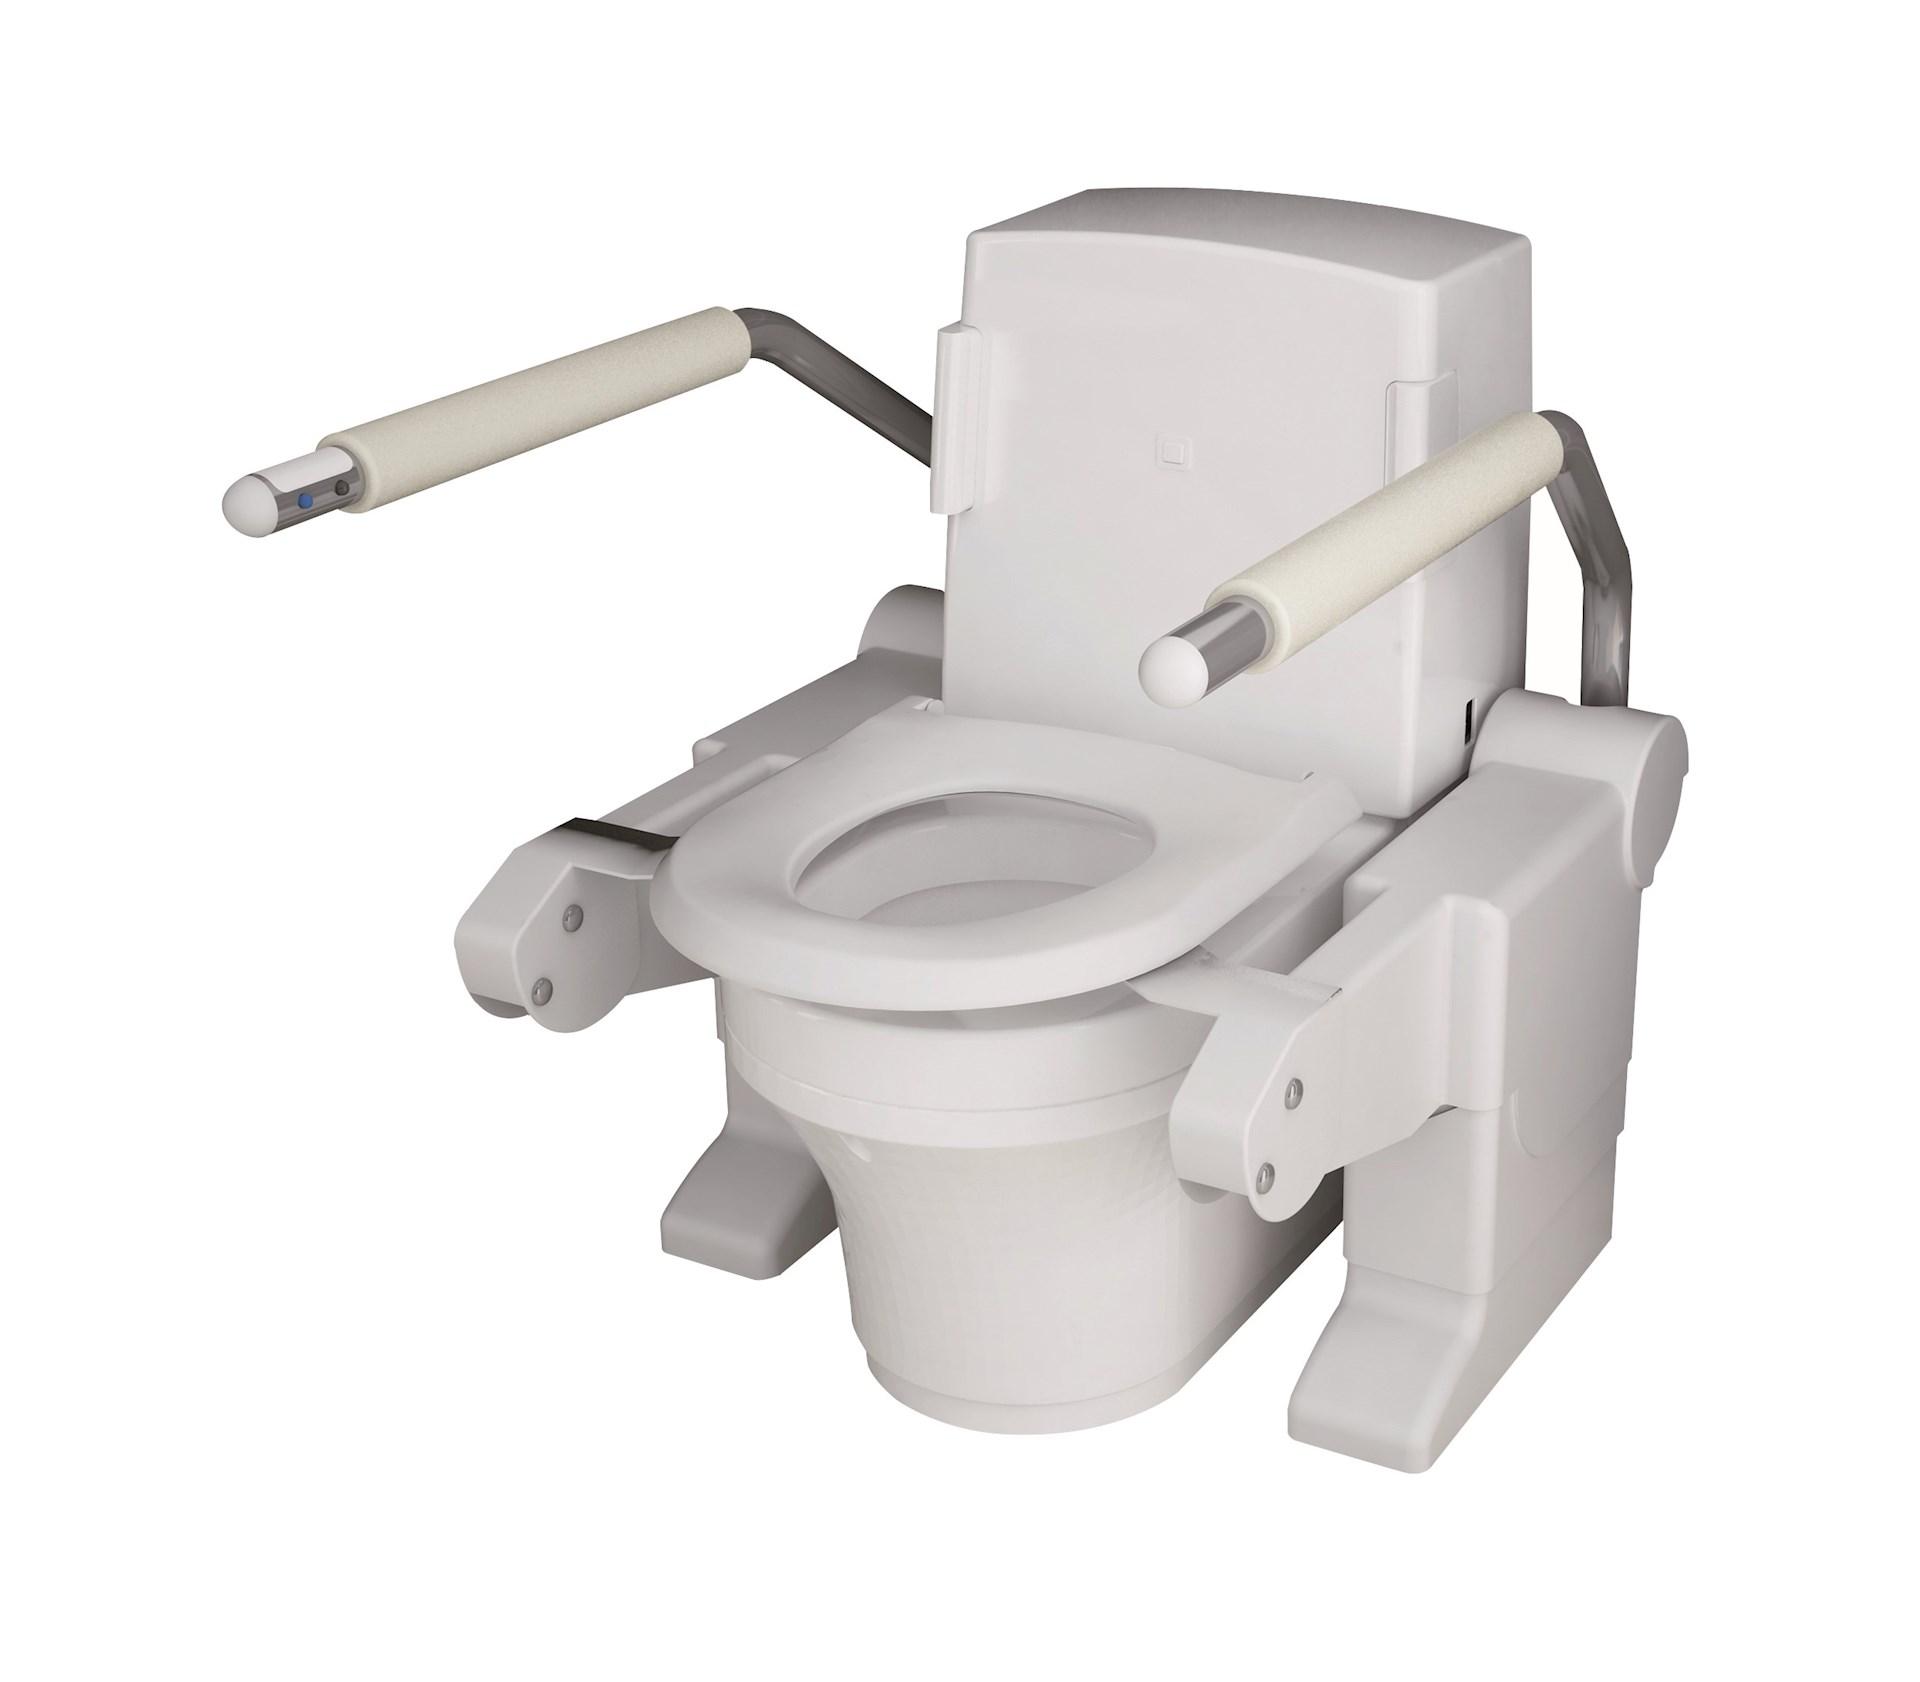 Tremendous Aangepast Toilet Voor Mensen Met Een Beperking Met Bidet Pabps2019 Chair Design Images Pabps2019Com